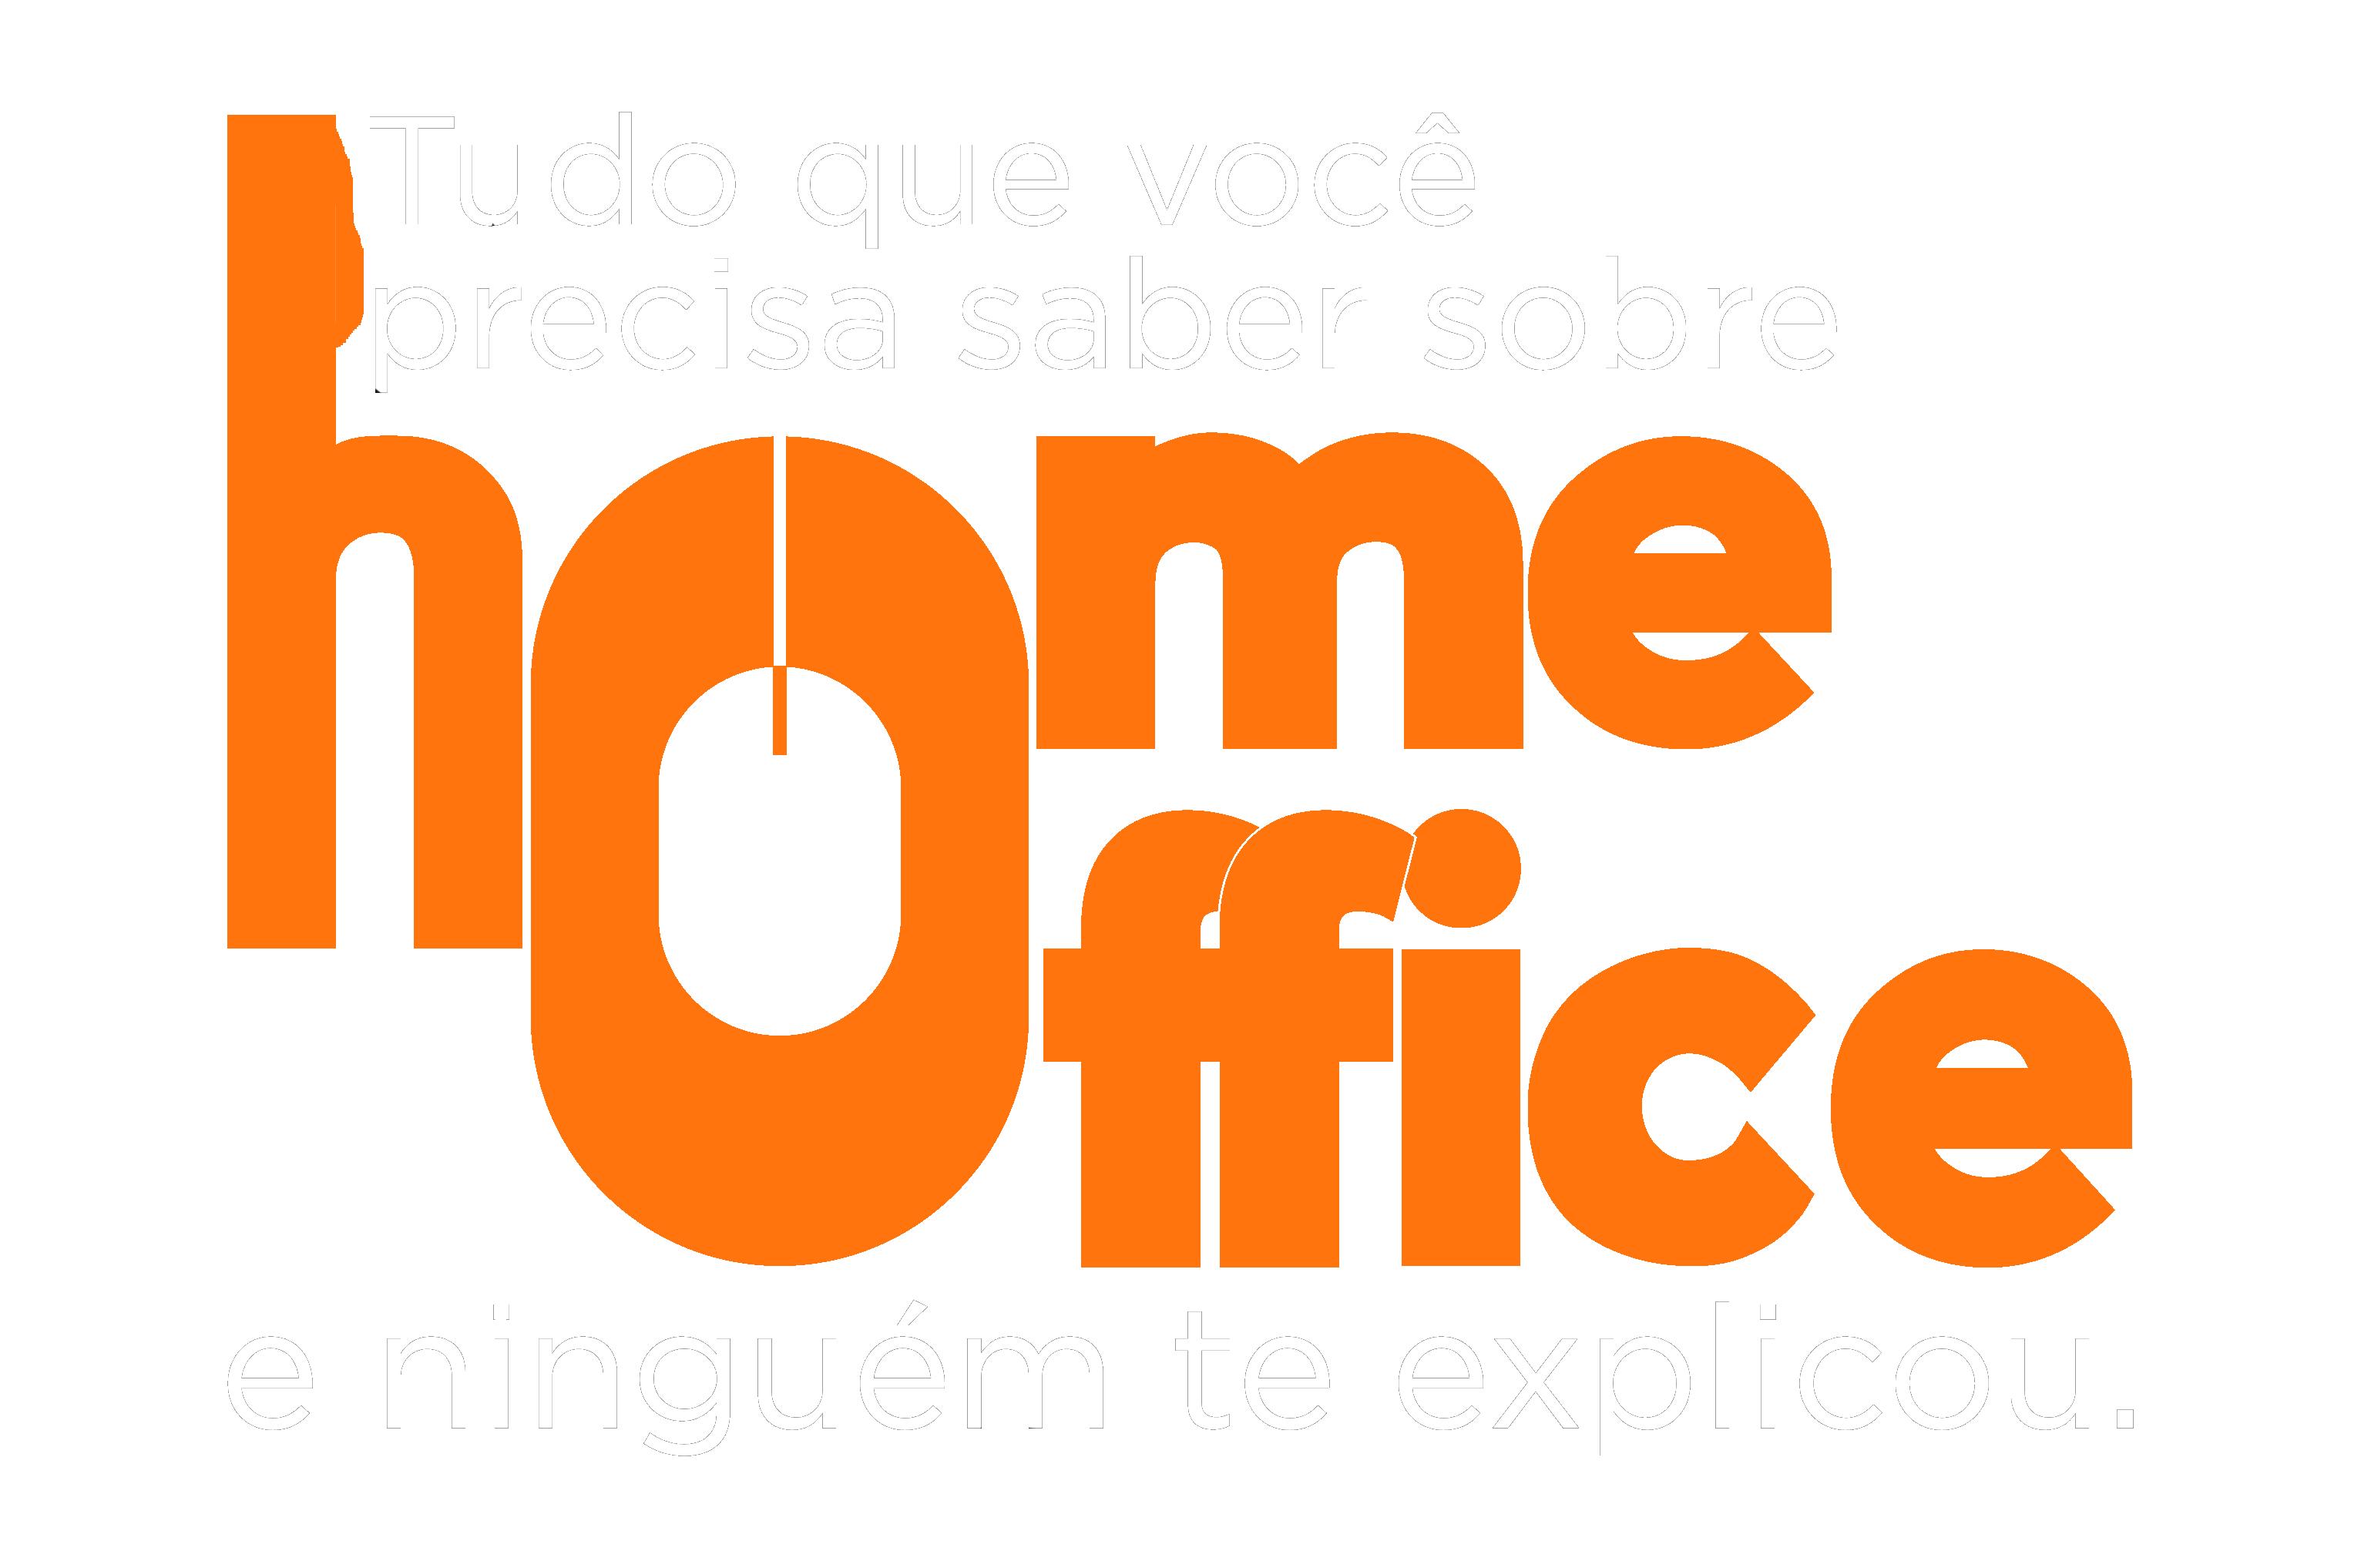 Em destaque, o título do curso: Tudo que você precisa saber sobre home office e ninguém te explicou.